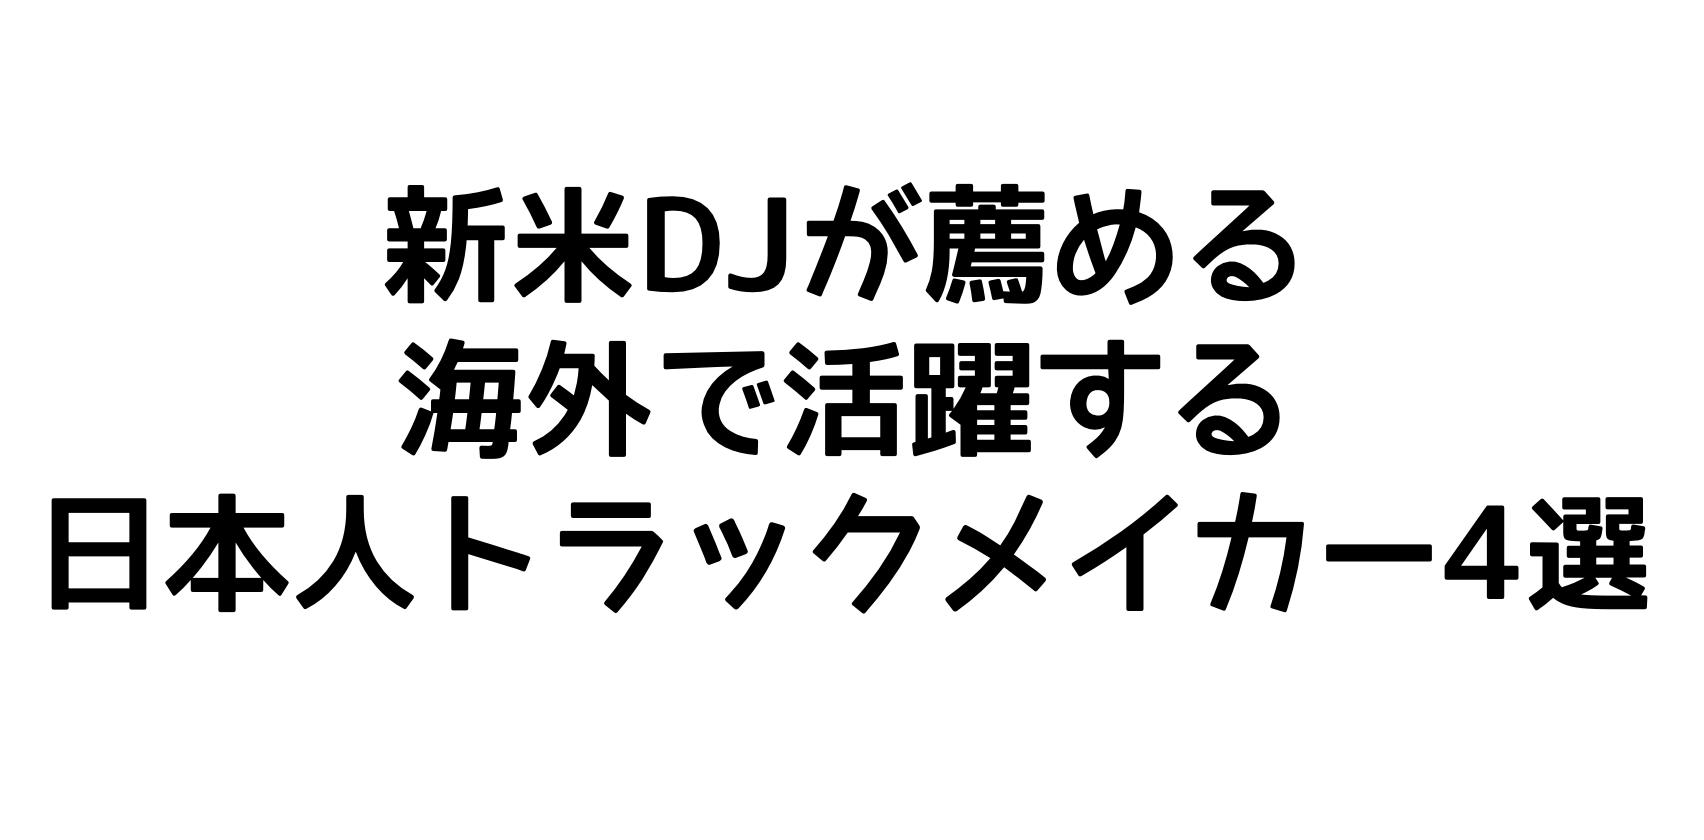 日本人,トラックメイカー,海外